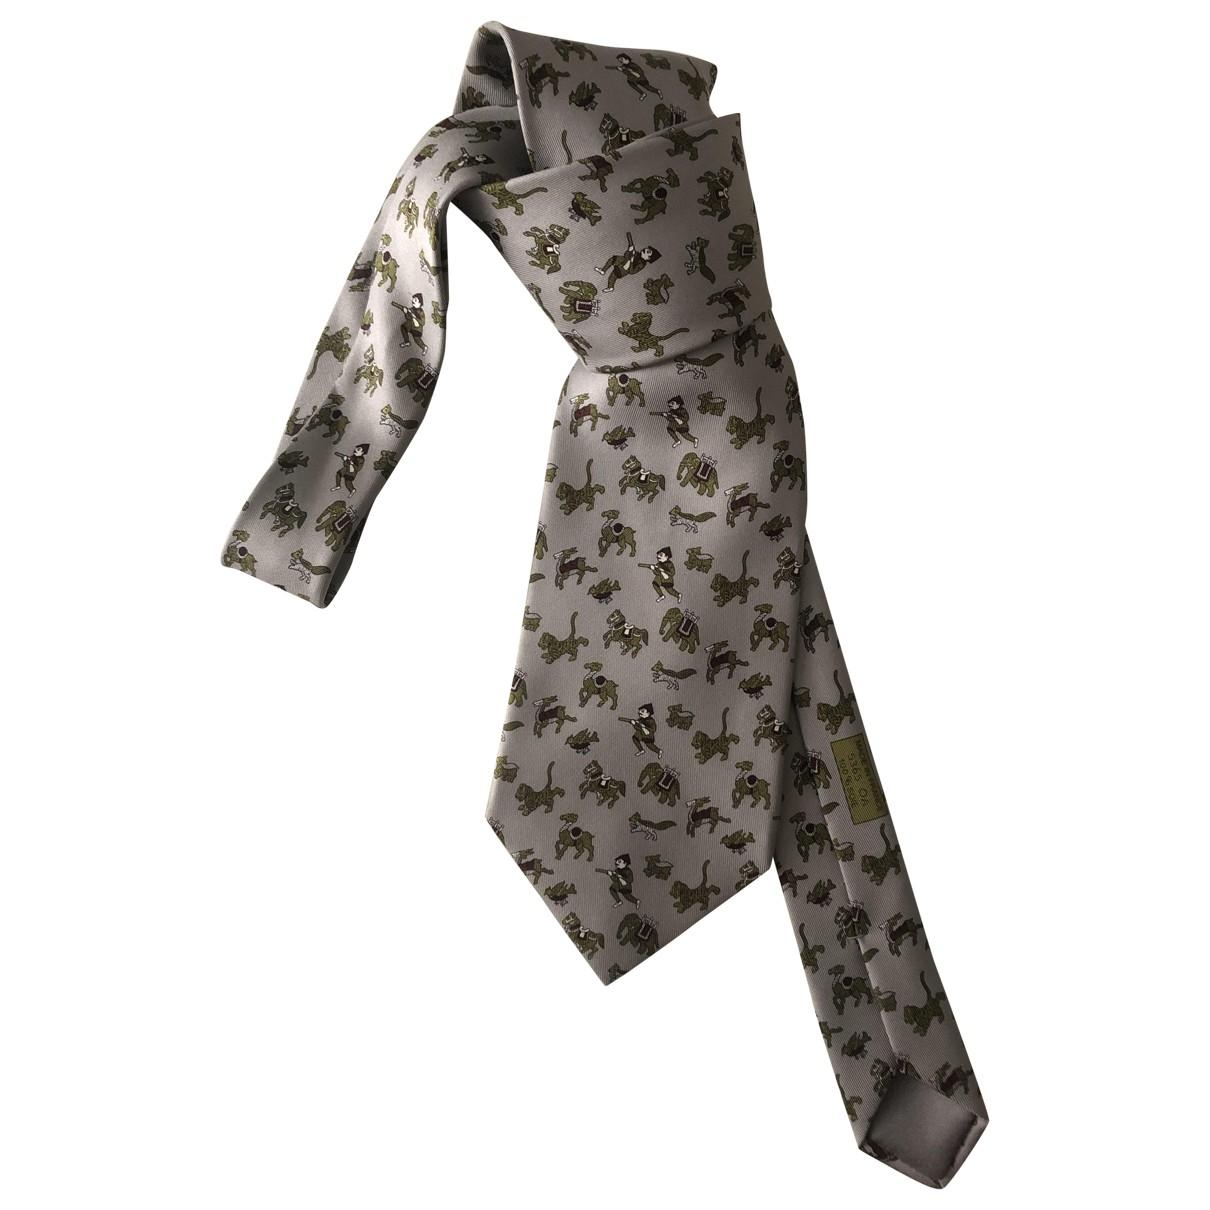 Hermes - Cravates   pour homme en soie - multicolore